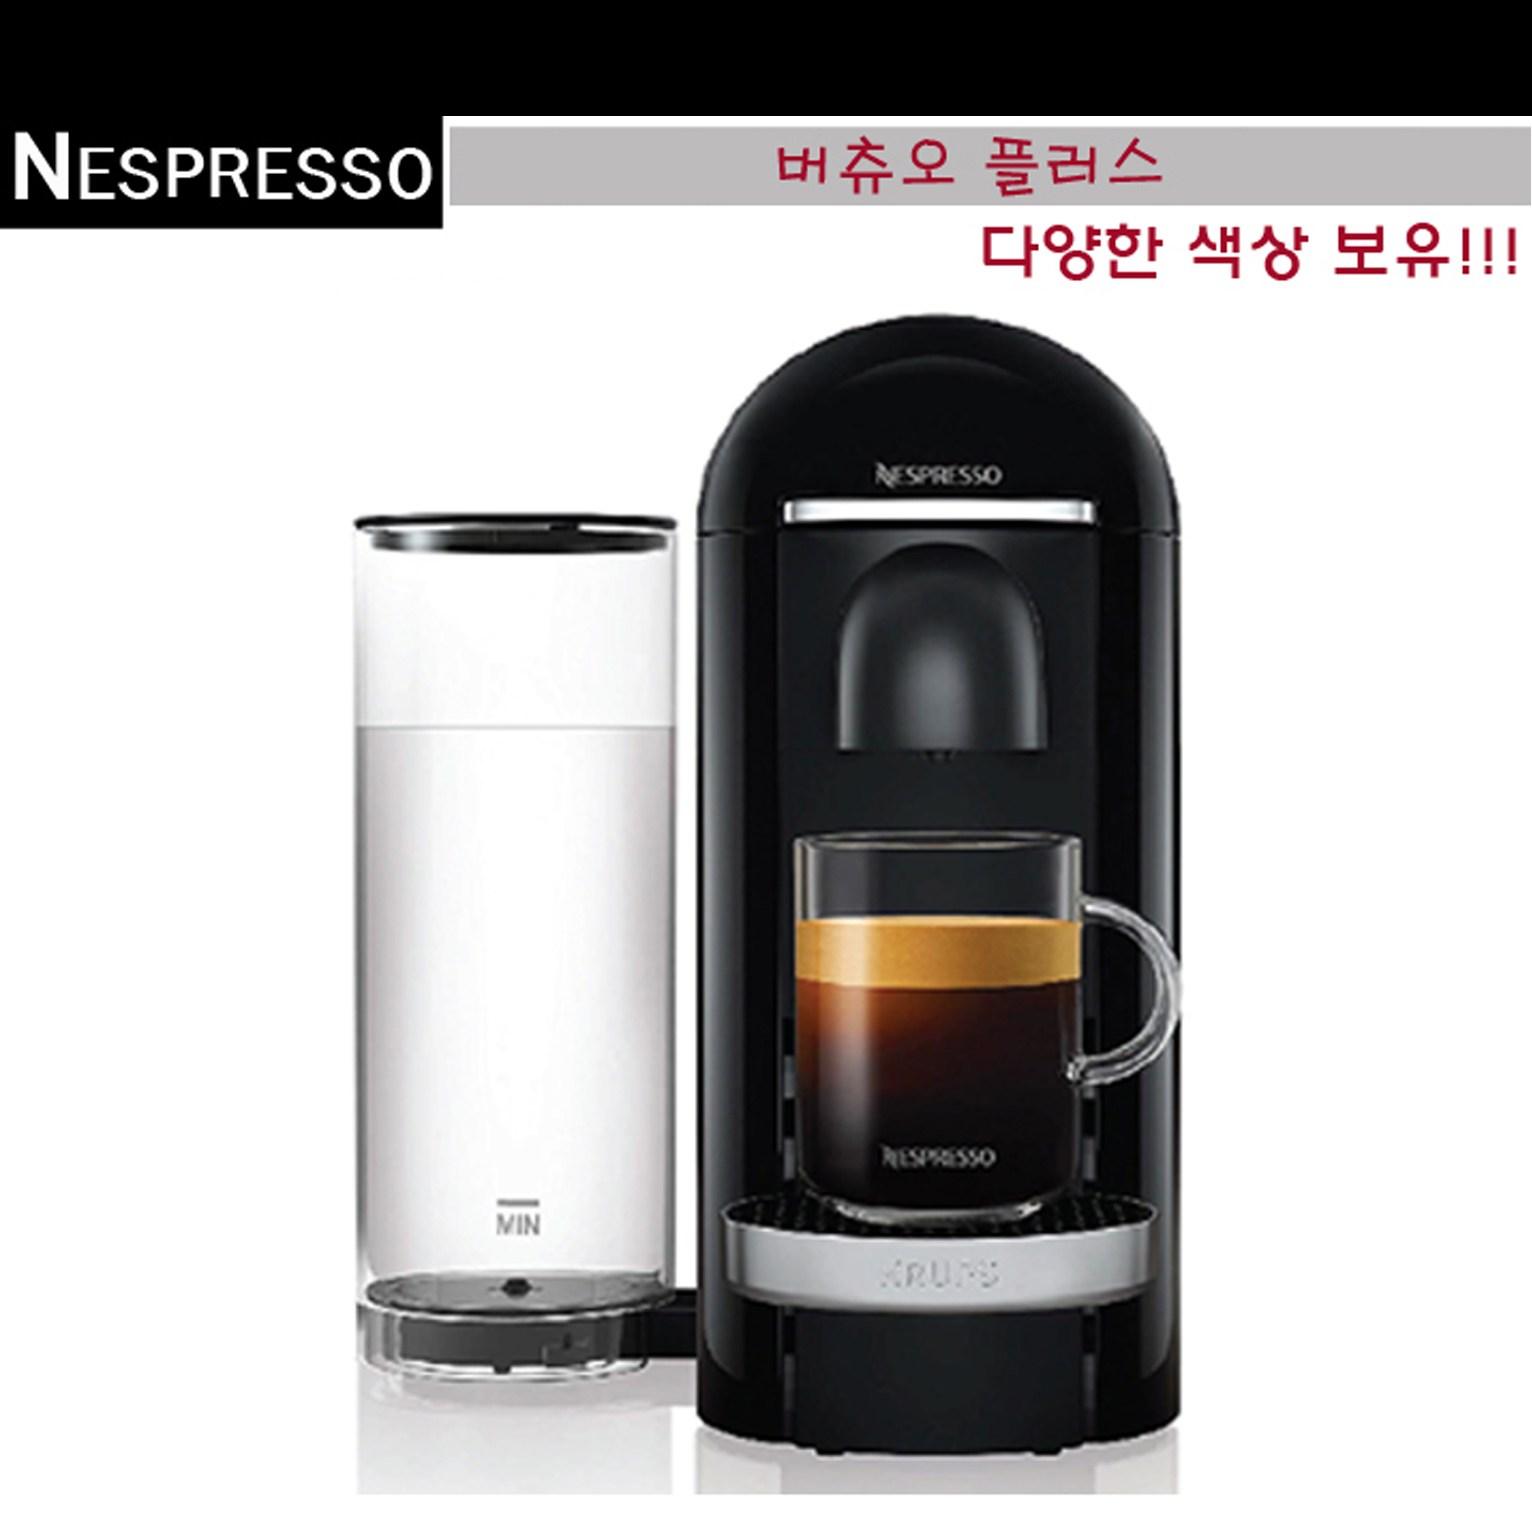 드롱기 네스프레소 버츄오 플러스 커피머신 Nespresso Vertuo Plus-독일출고, 버츄오 플러스 블랙